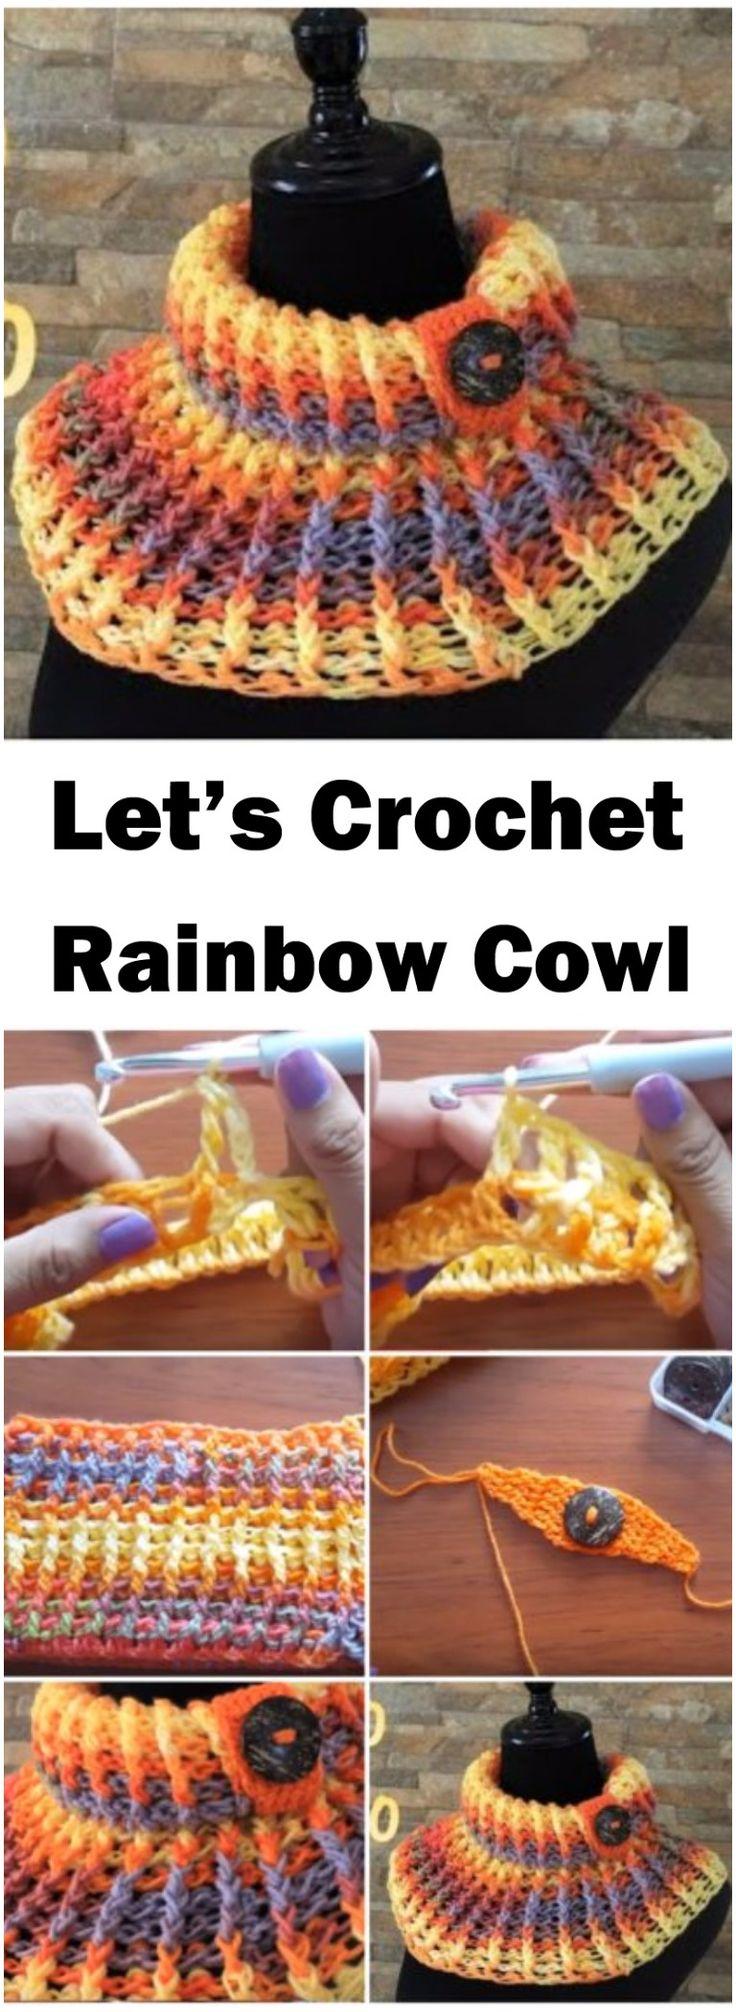 Crochet Rainbow Cowl